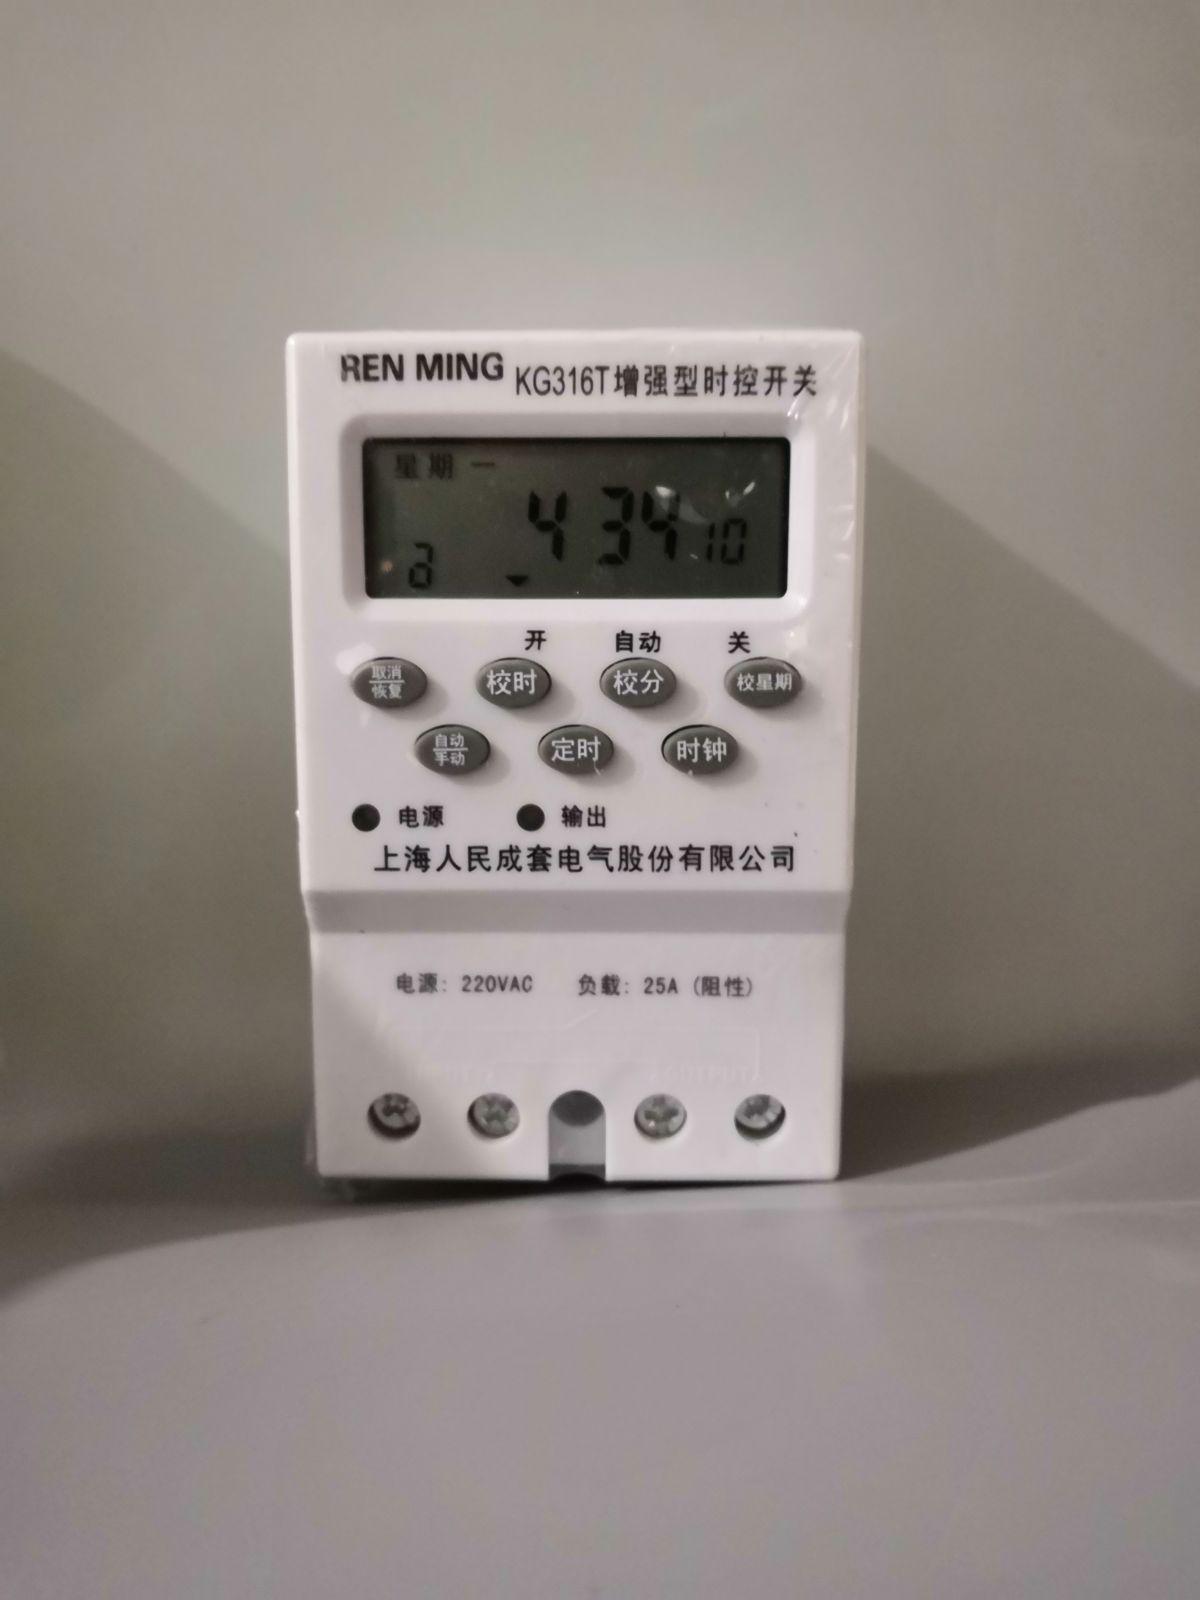 新款增强型导微电脑时控开关 KJ316 KG316T 定时器 时间控制器